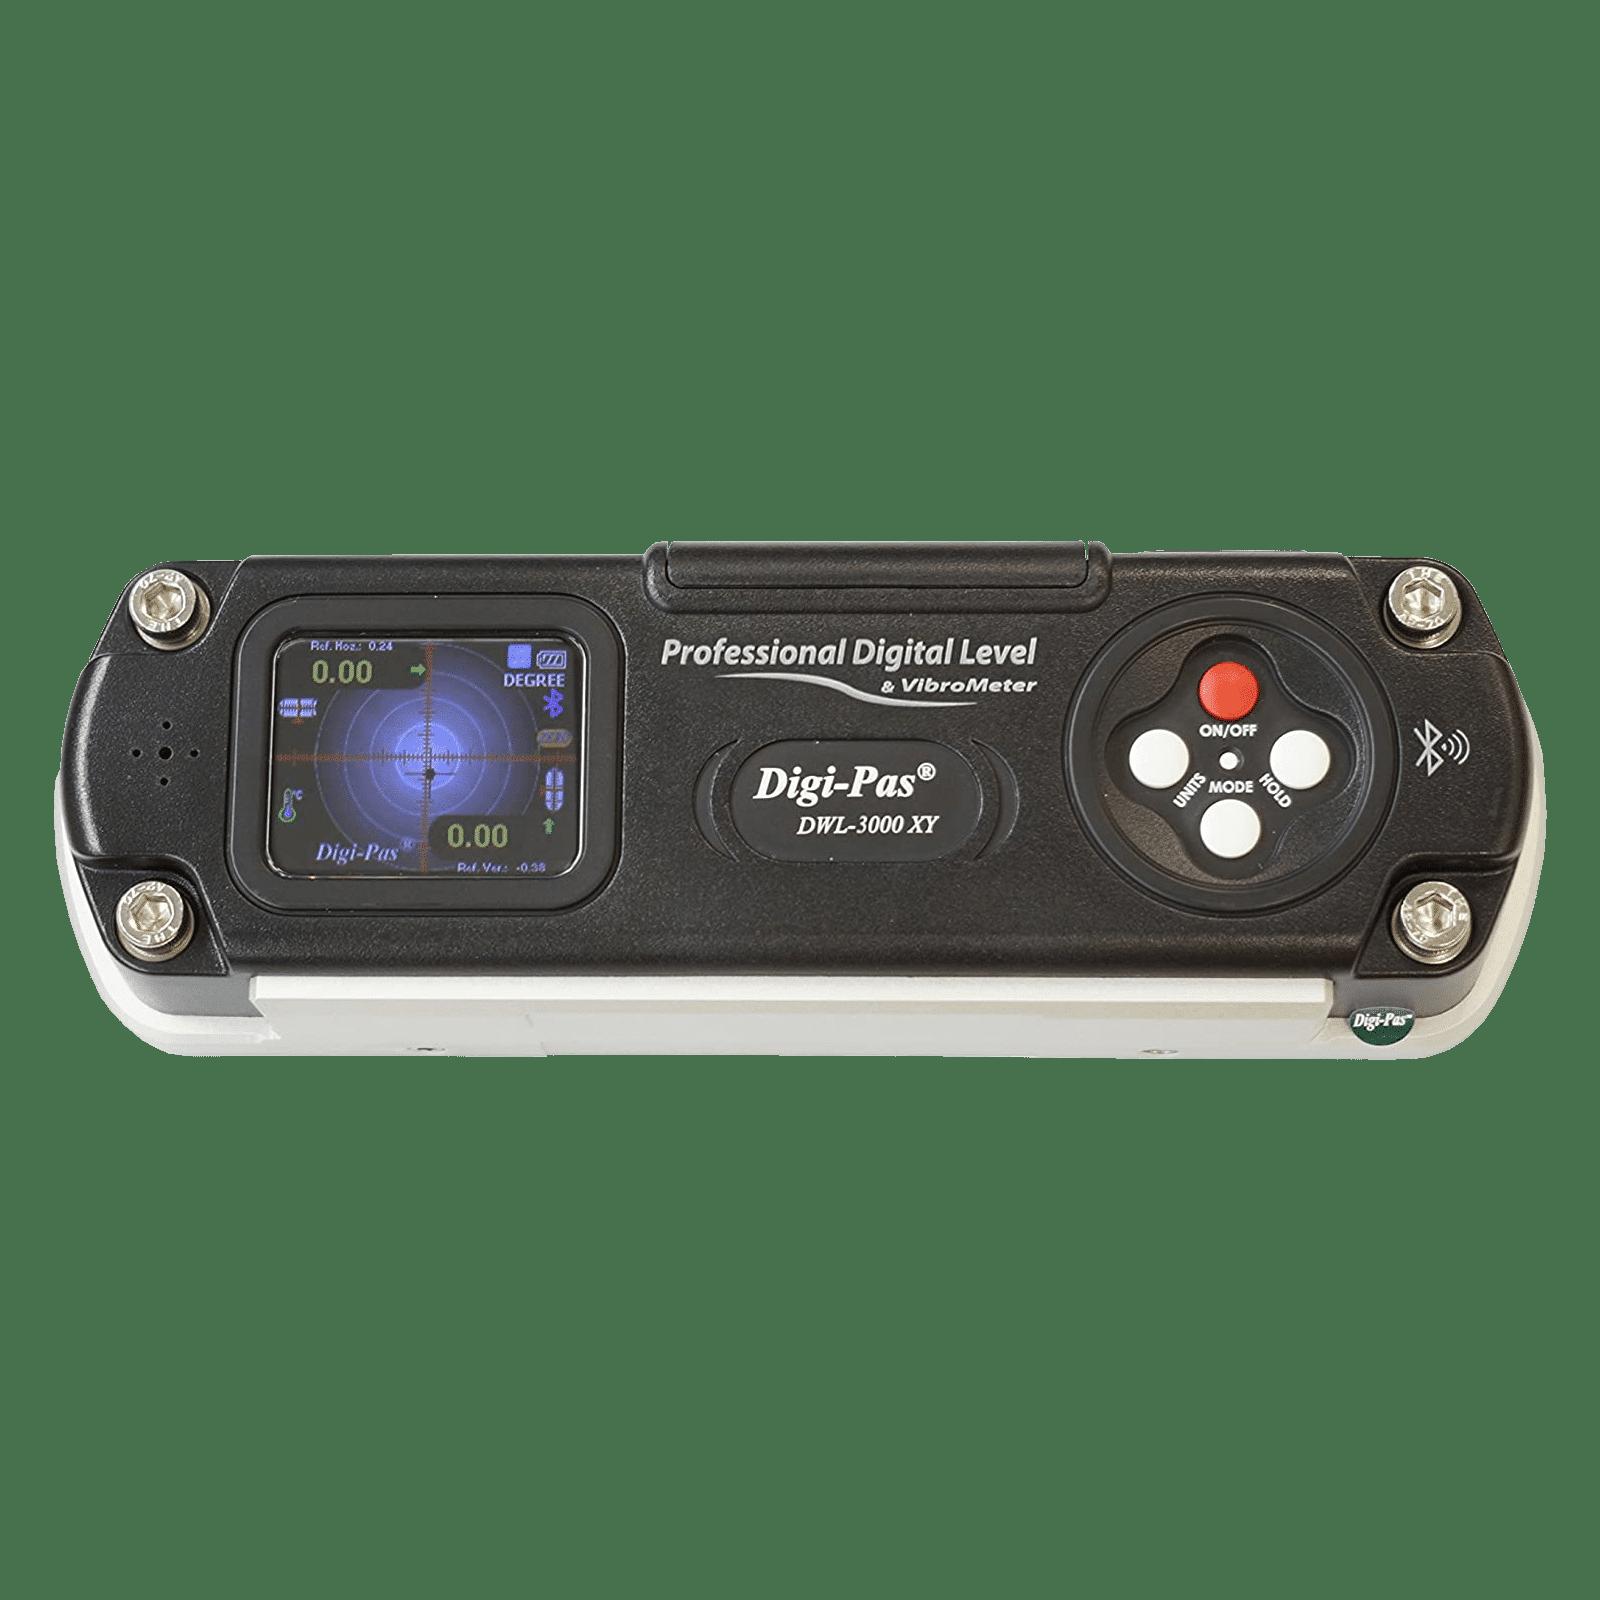 Digi-Pas DWL 3000XY BT digitale Wasserwaage